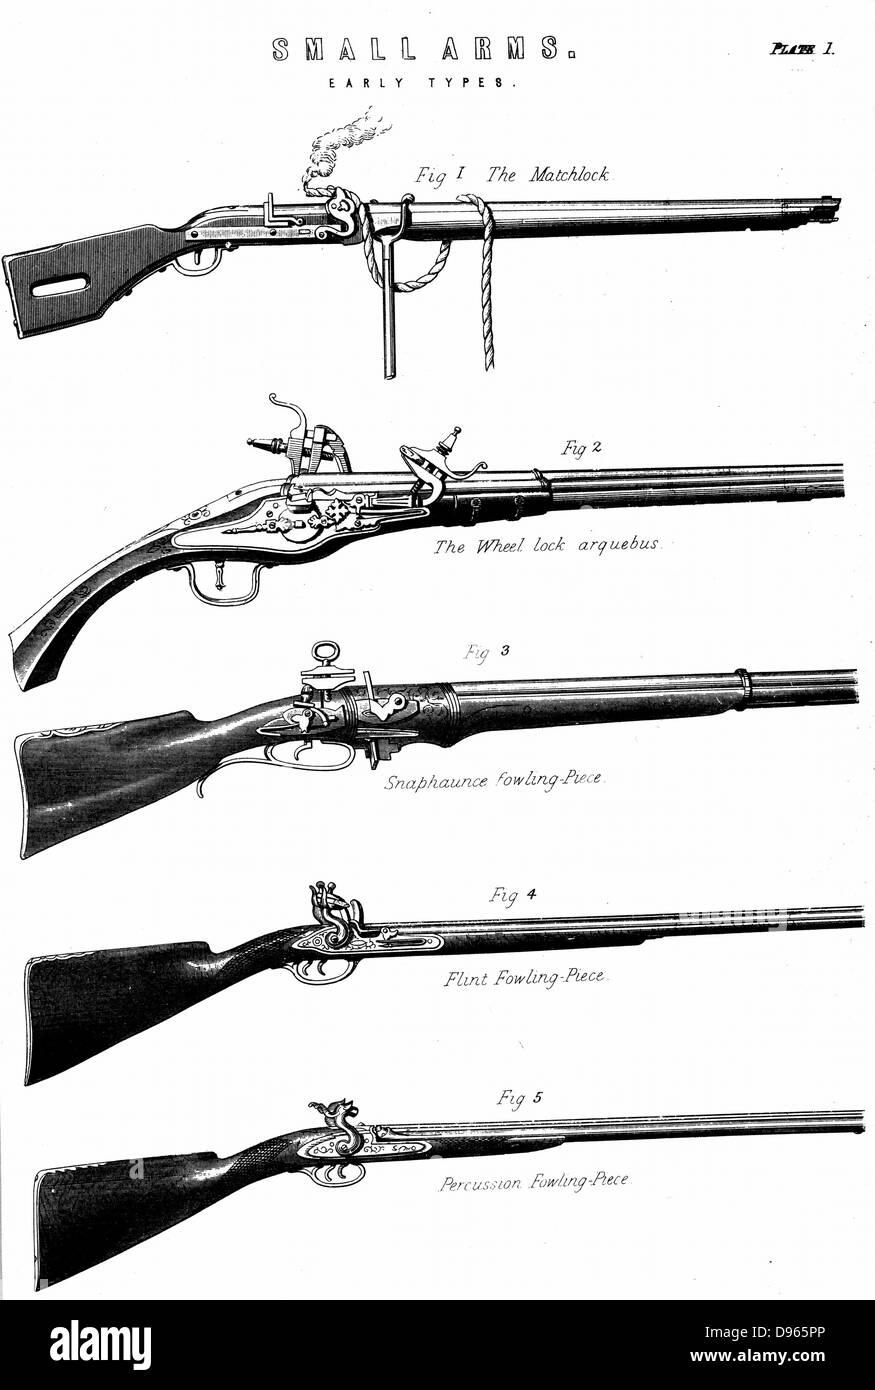 Firing Mechanisms For Guns : Examples of various hand gun firing mechanisms top to